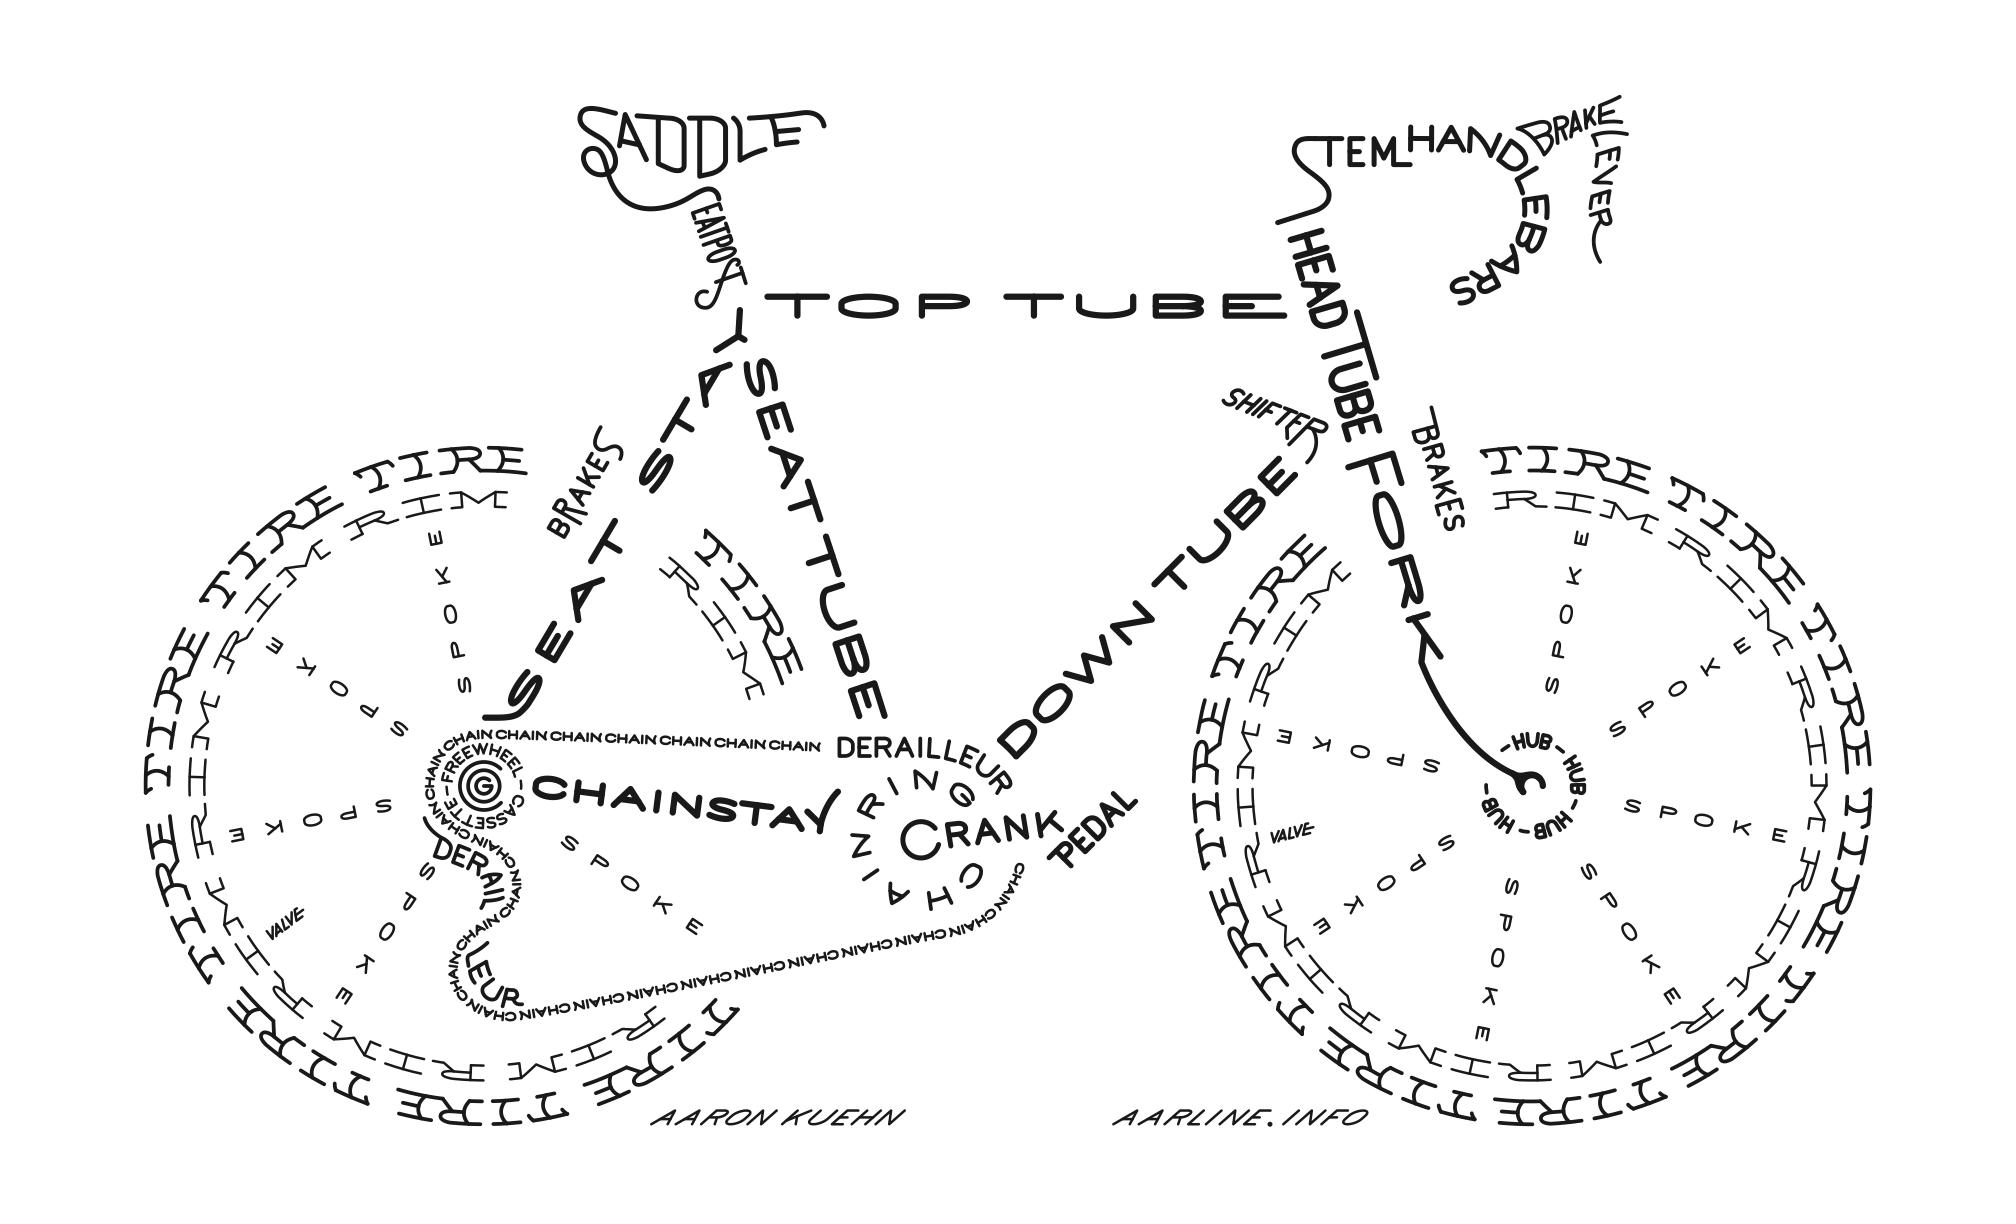 bicycle diagram.png